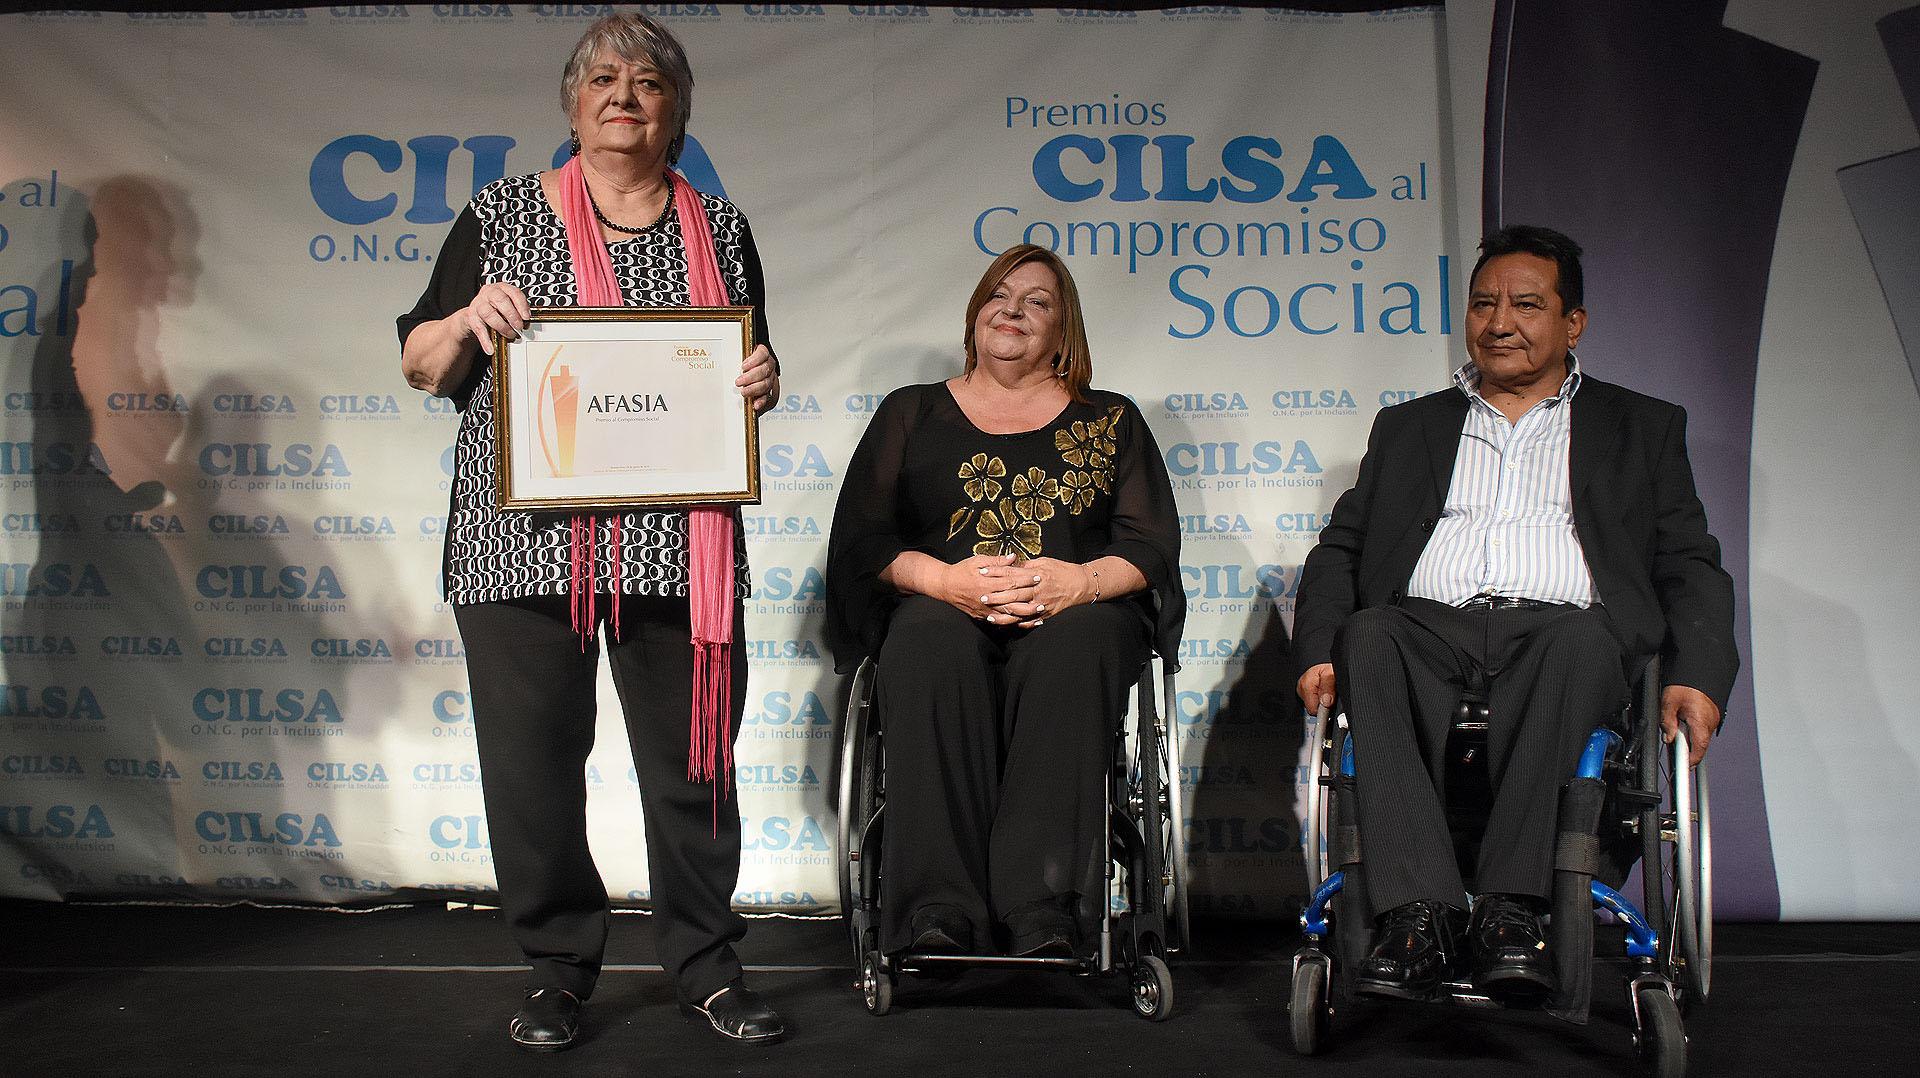 La distinción para la Fundación Argentina de AFASIA, cuya madrina es Carla Peterson